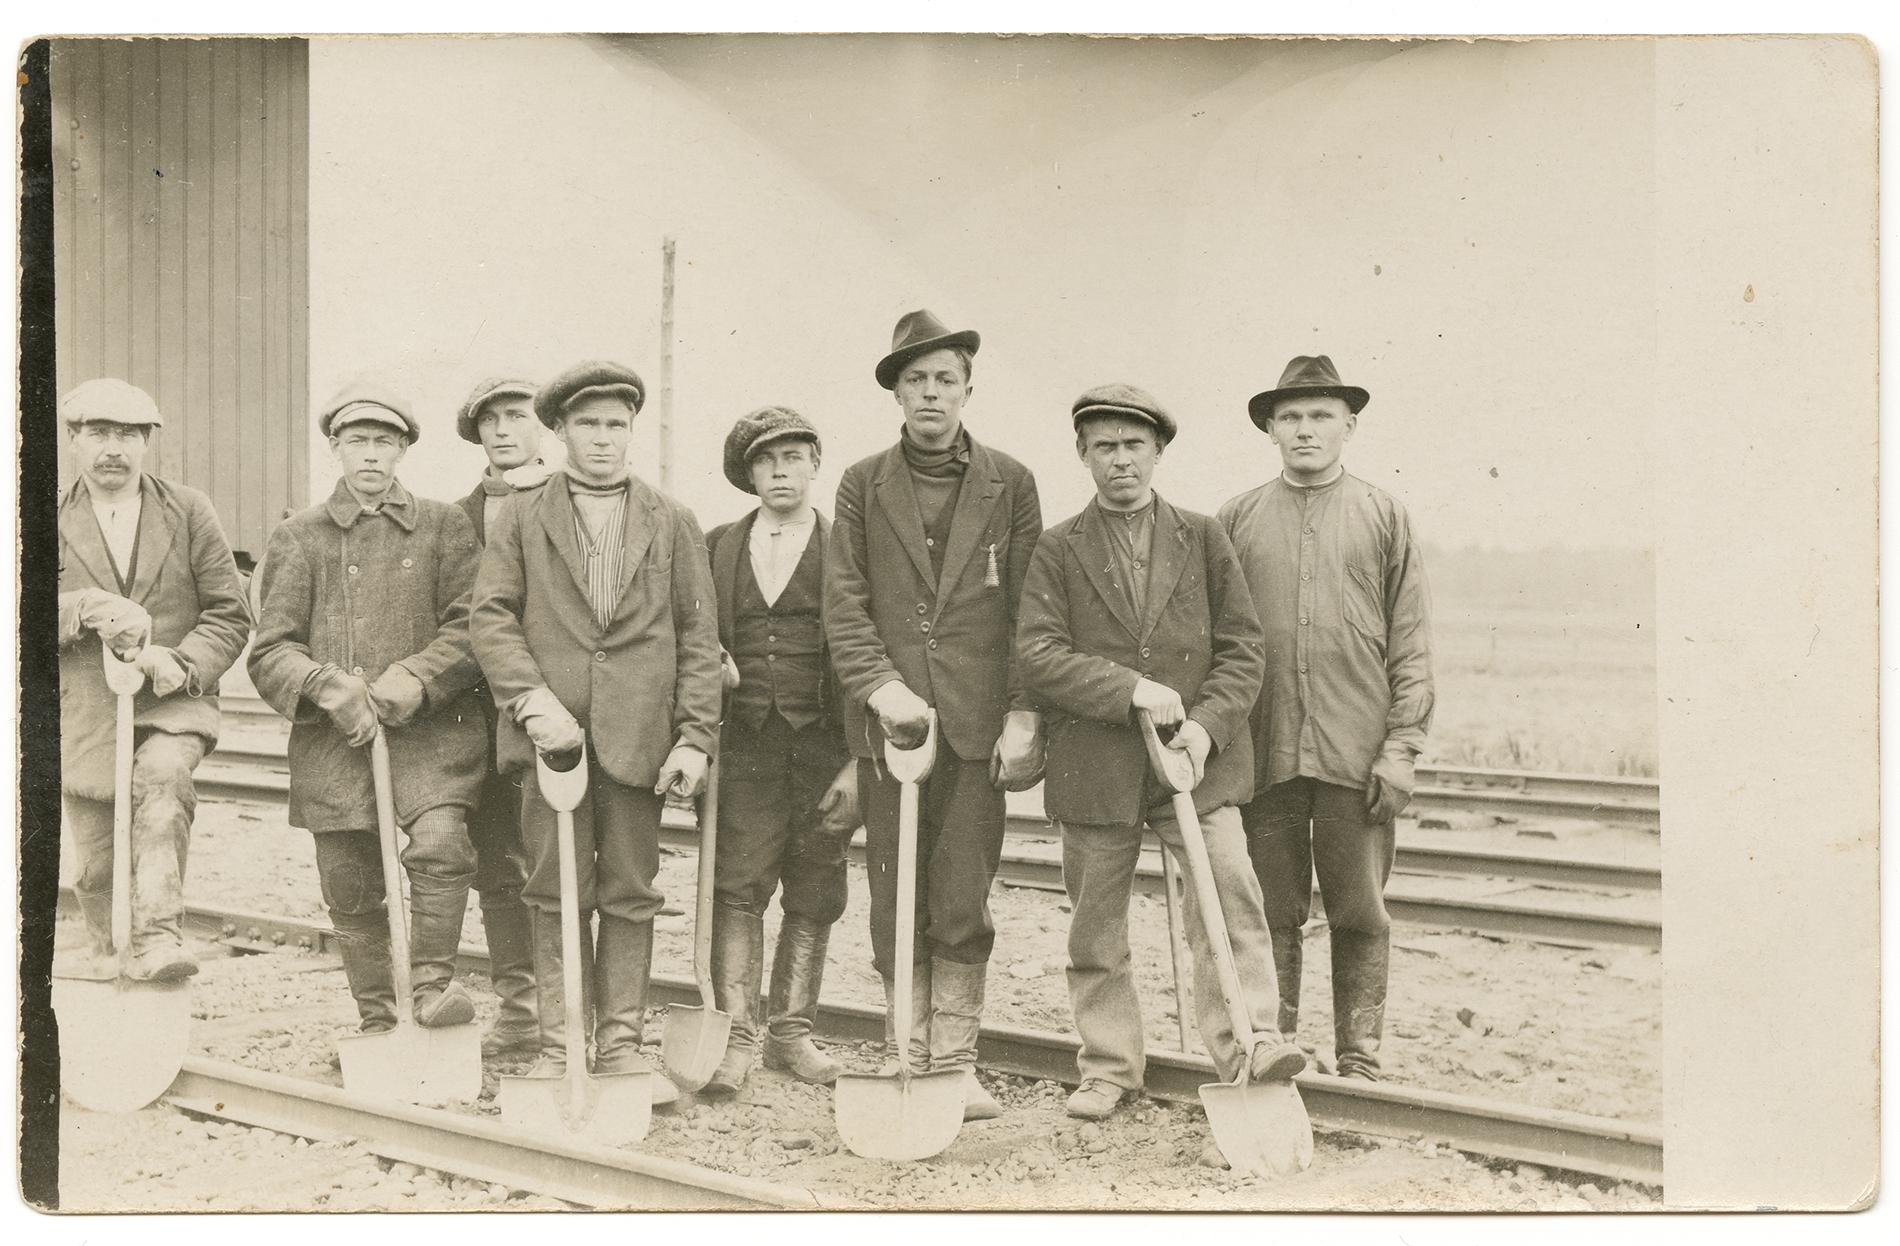 """Ratatyöläisiä, """"topparoikka Helylästä"""", kuvattu Sortavalassa vuonna 1920. SKS KRA. Kuvaaja tuntematon."""